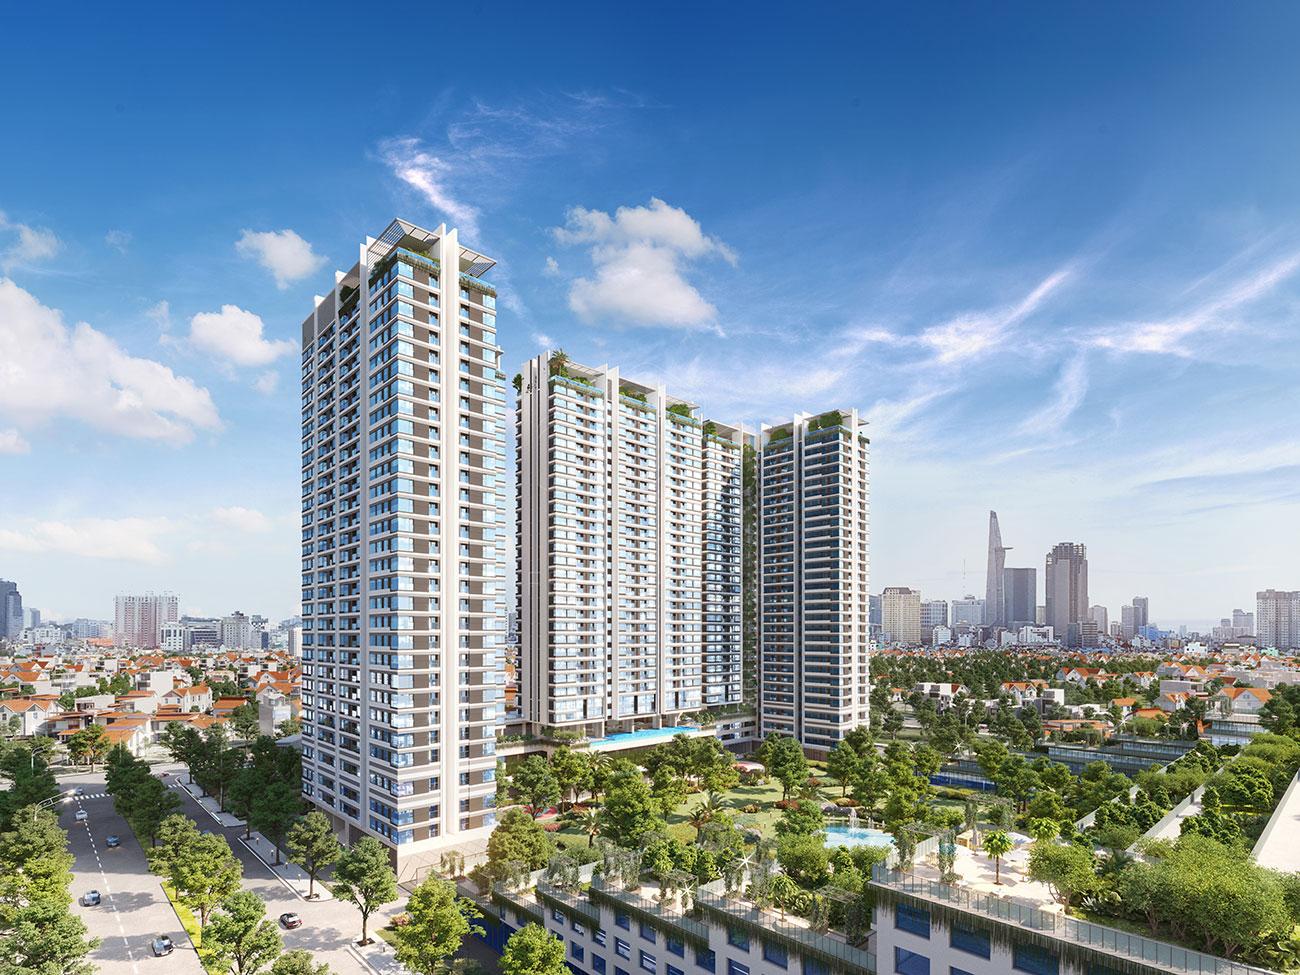 Phối cảnh tổng thể dự án căn hộ Kingdom 101 Thành Thái